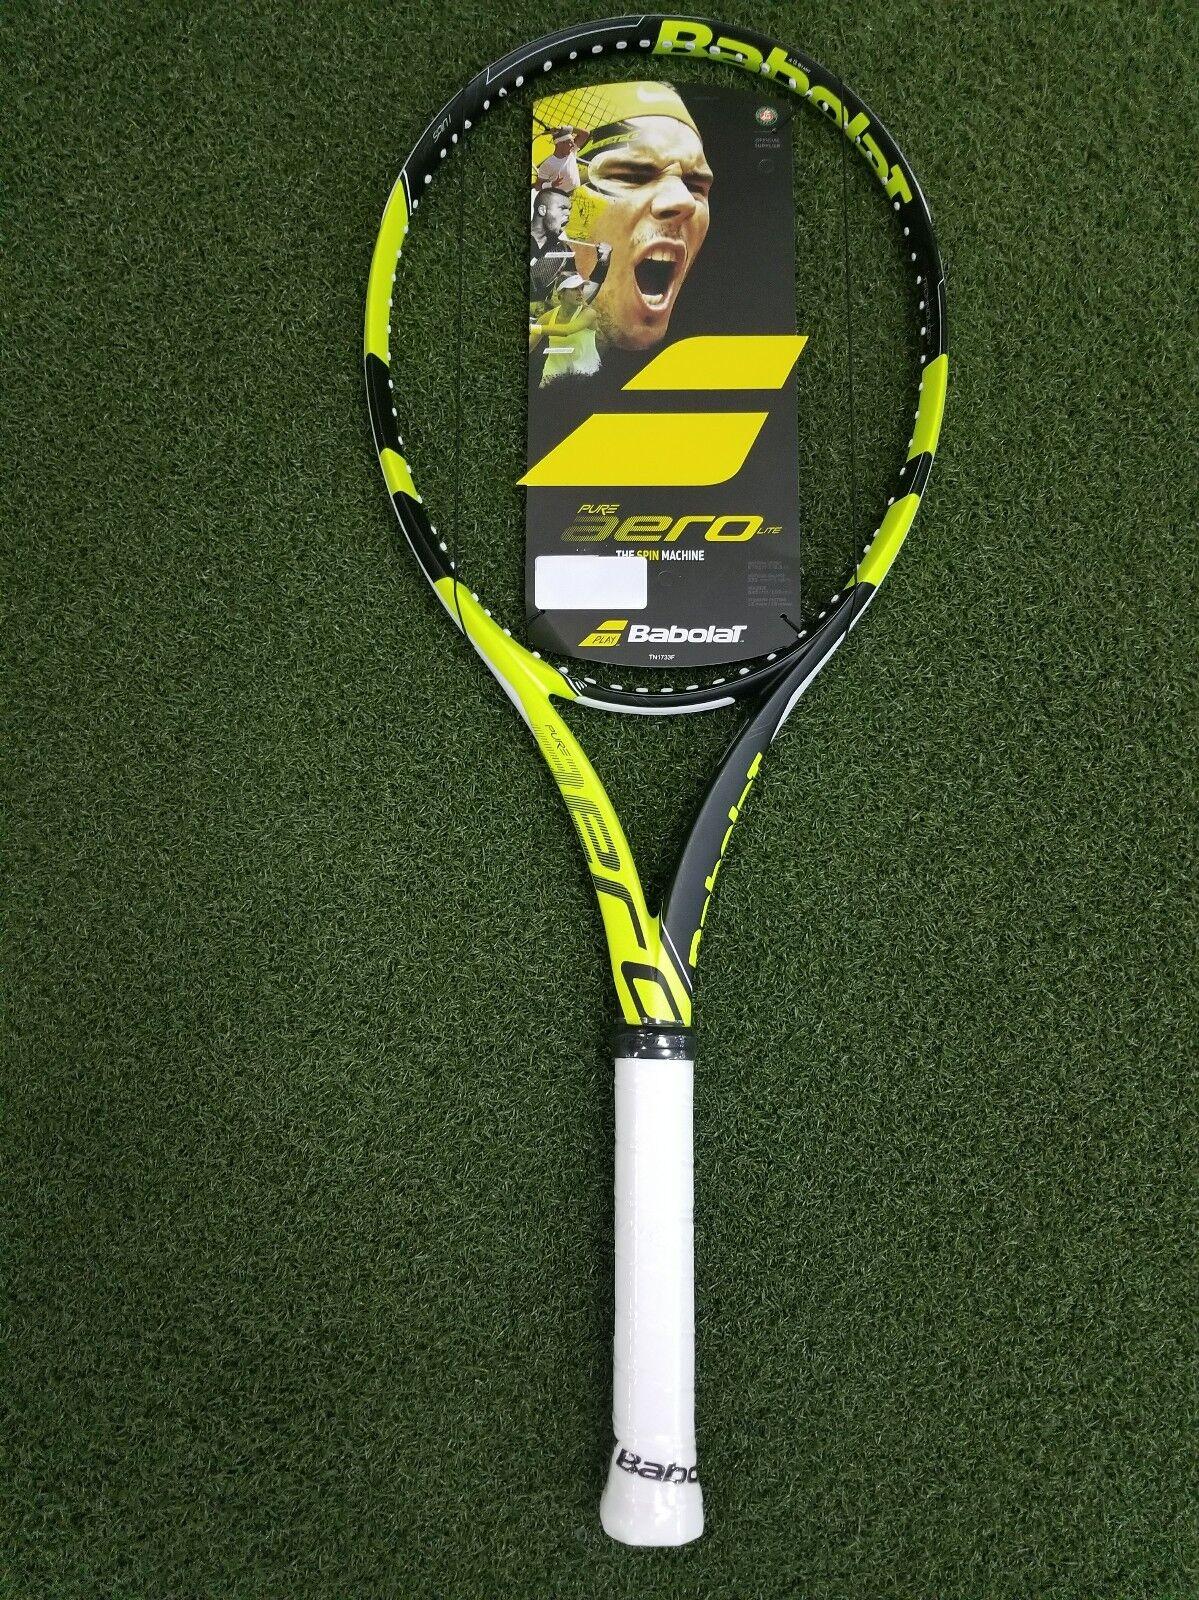 Nouvelle Babolat Pure Aero Lite Raquette de tennis 270g 9.5oz Grip 4 1 8